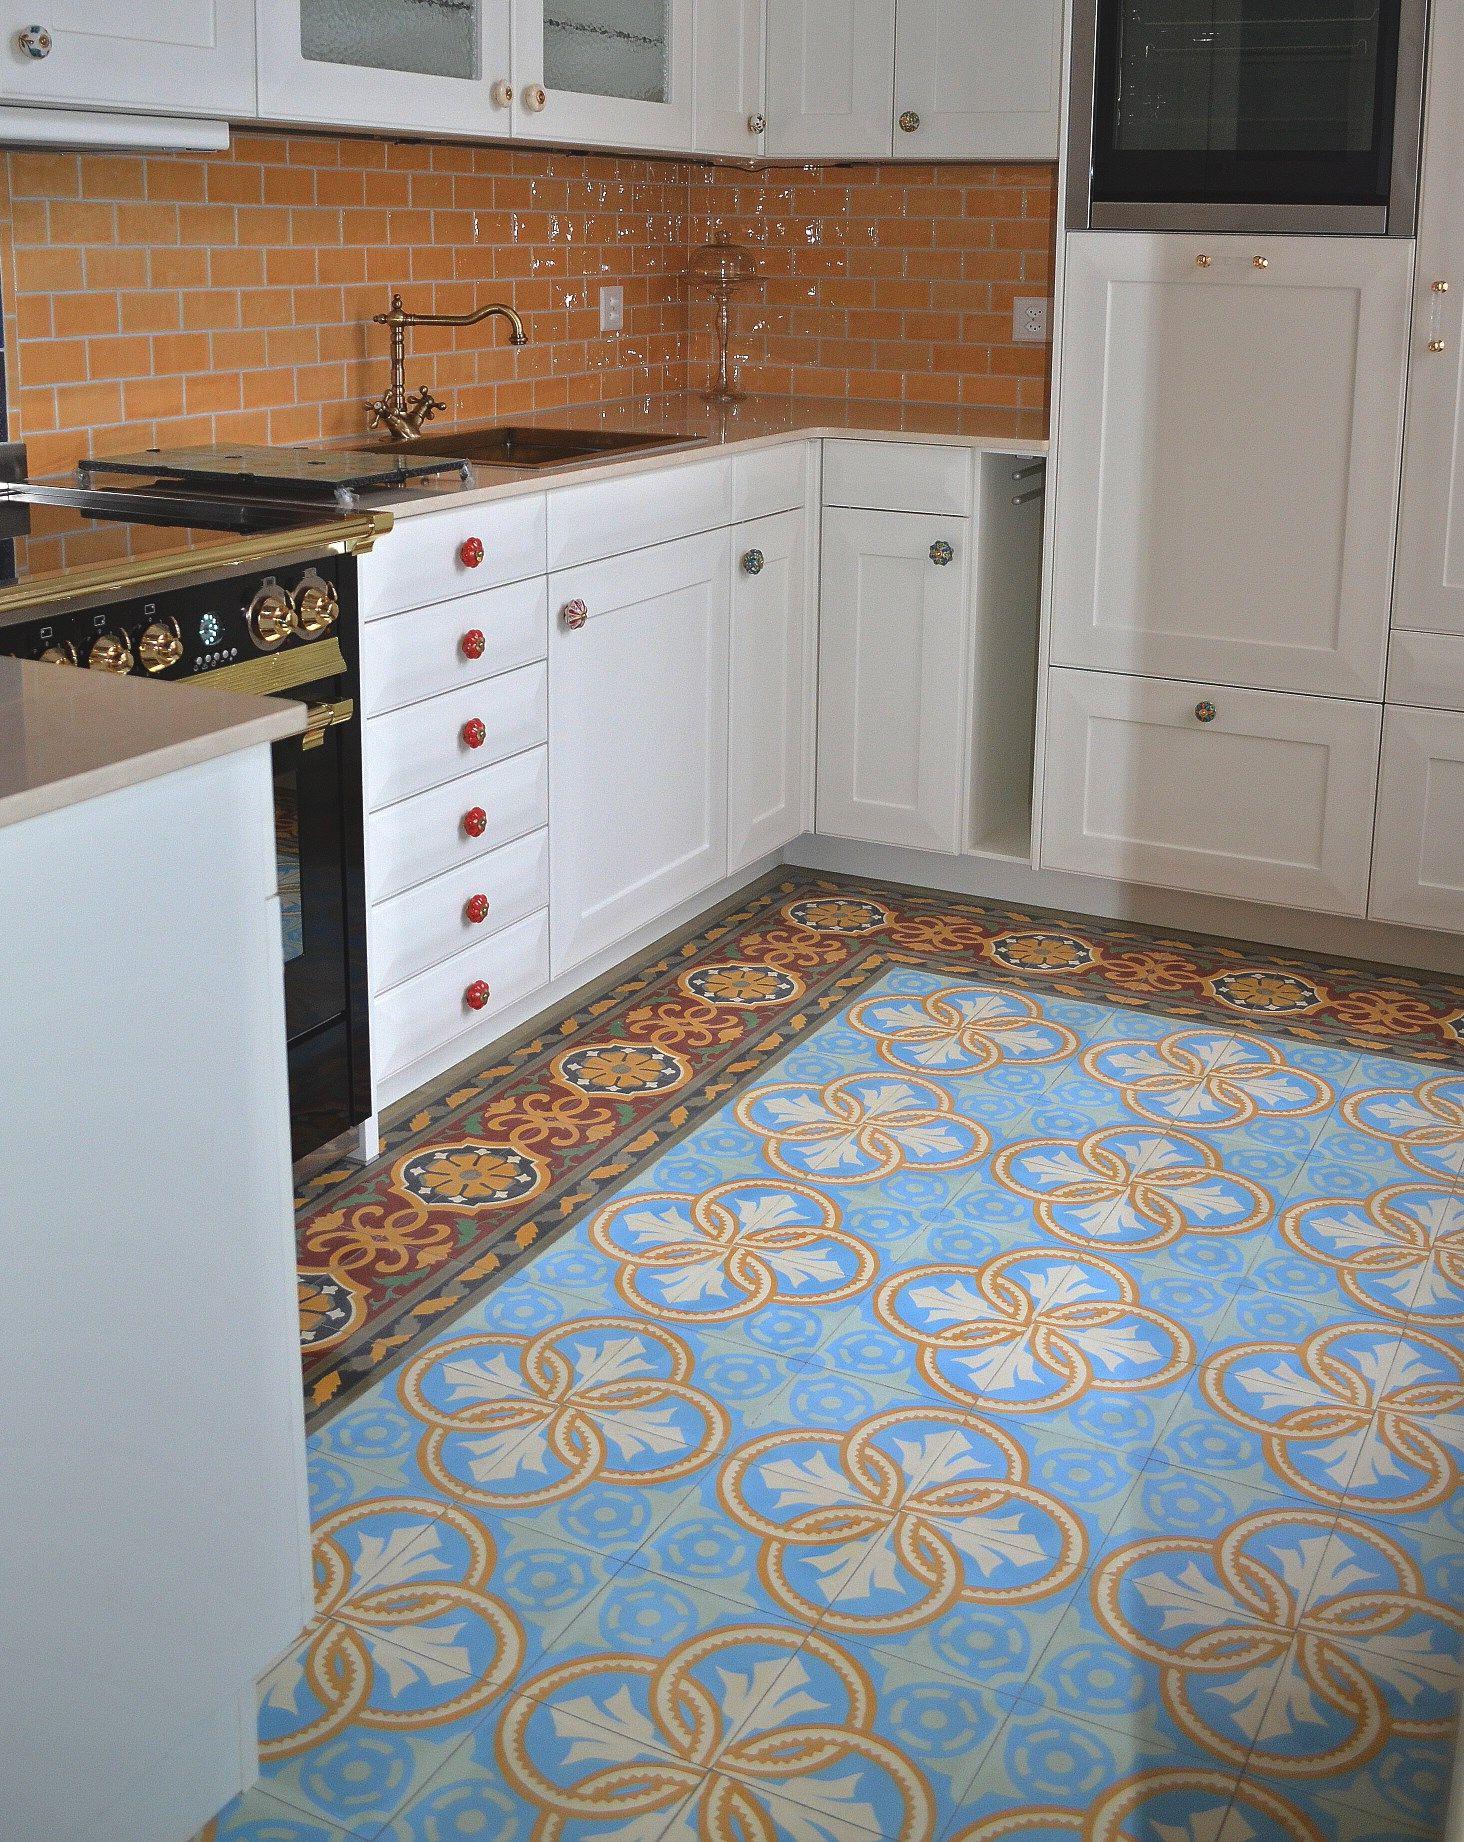 farbenfroh präsentiert sich diese küche mit casa:1 #zementfliesen